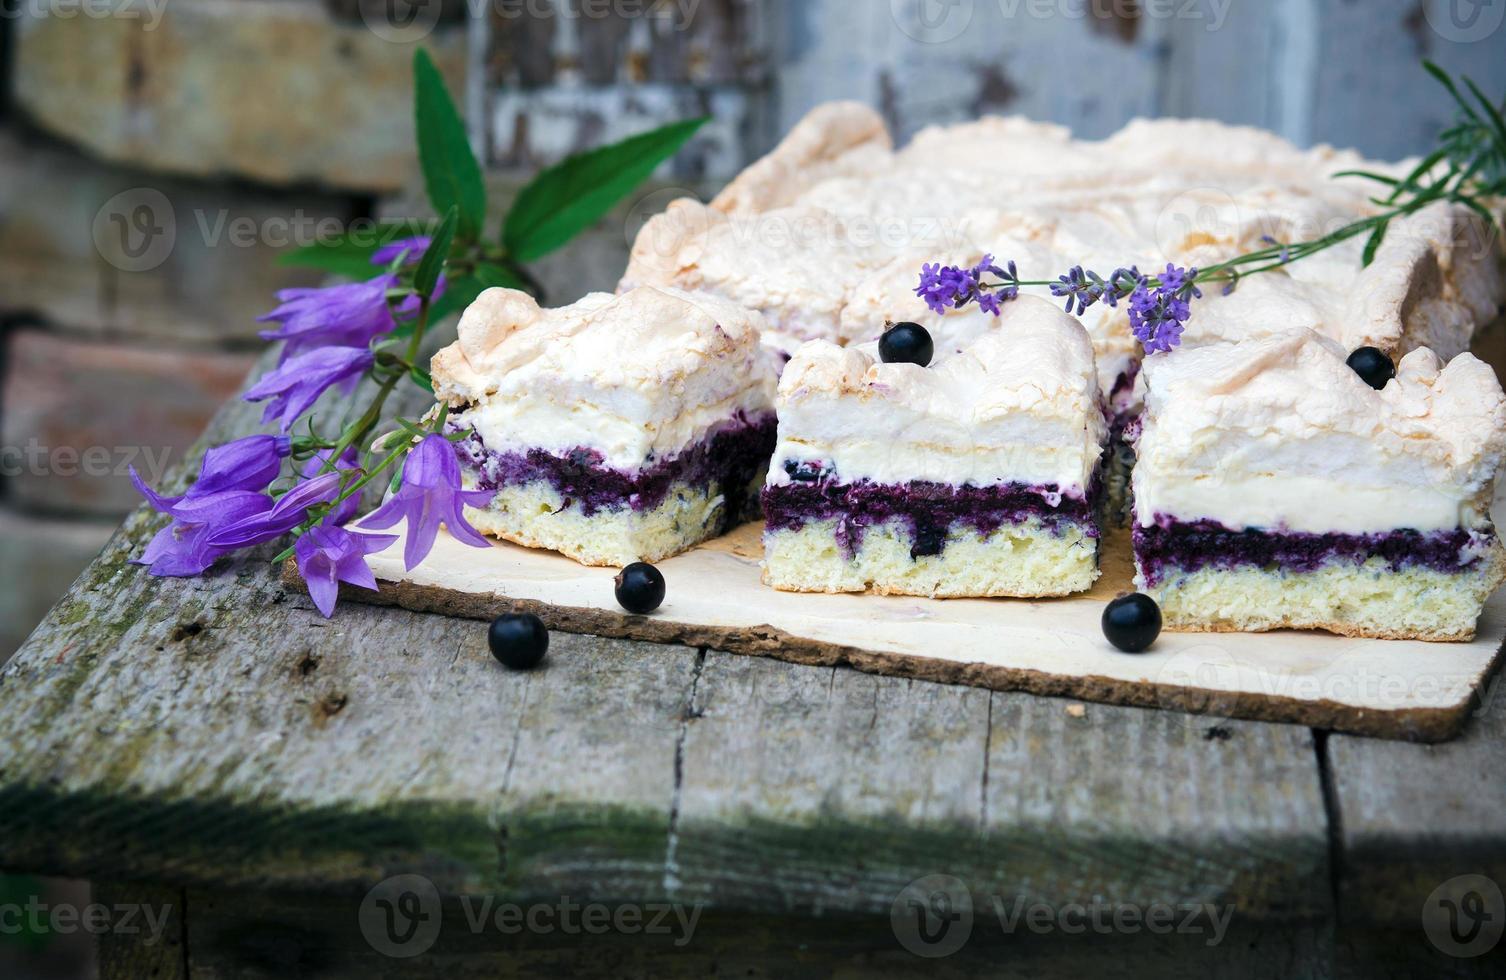 svampkaka med blåbär foto